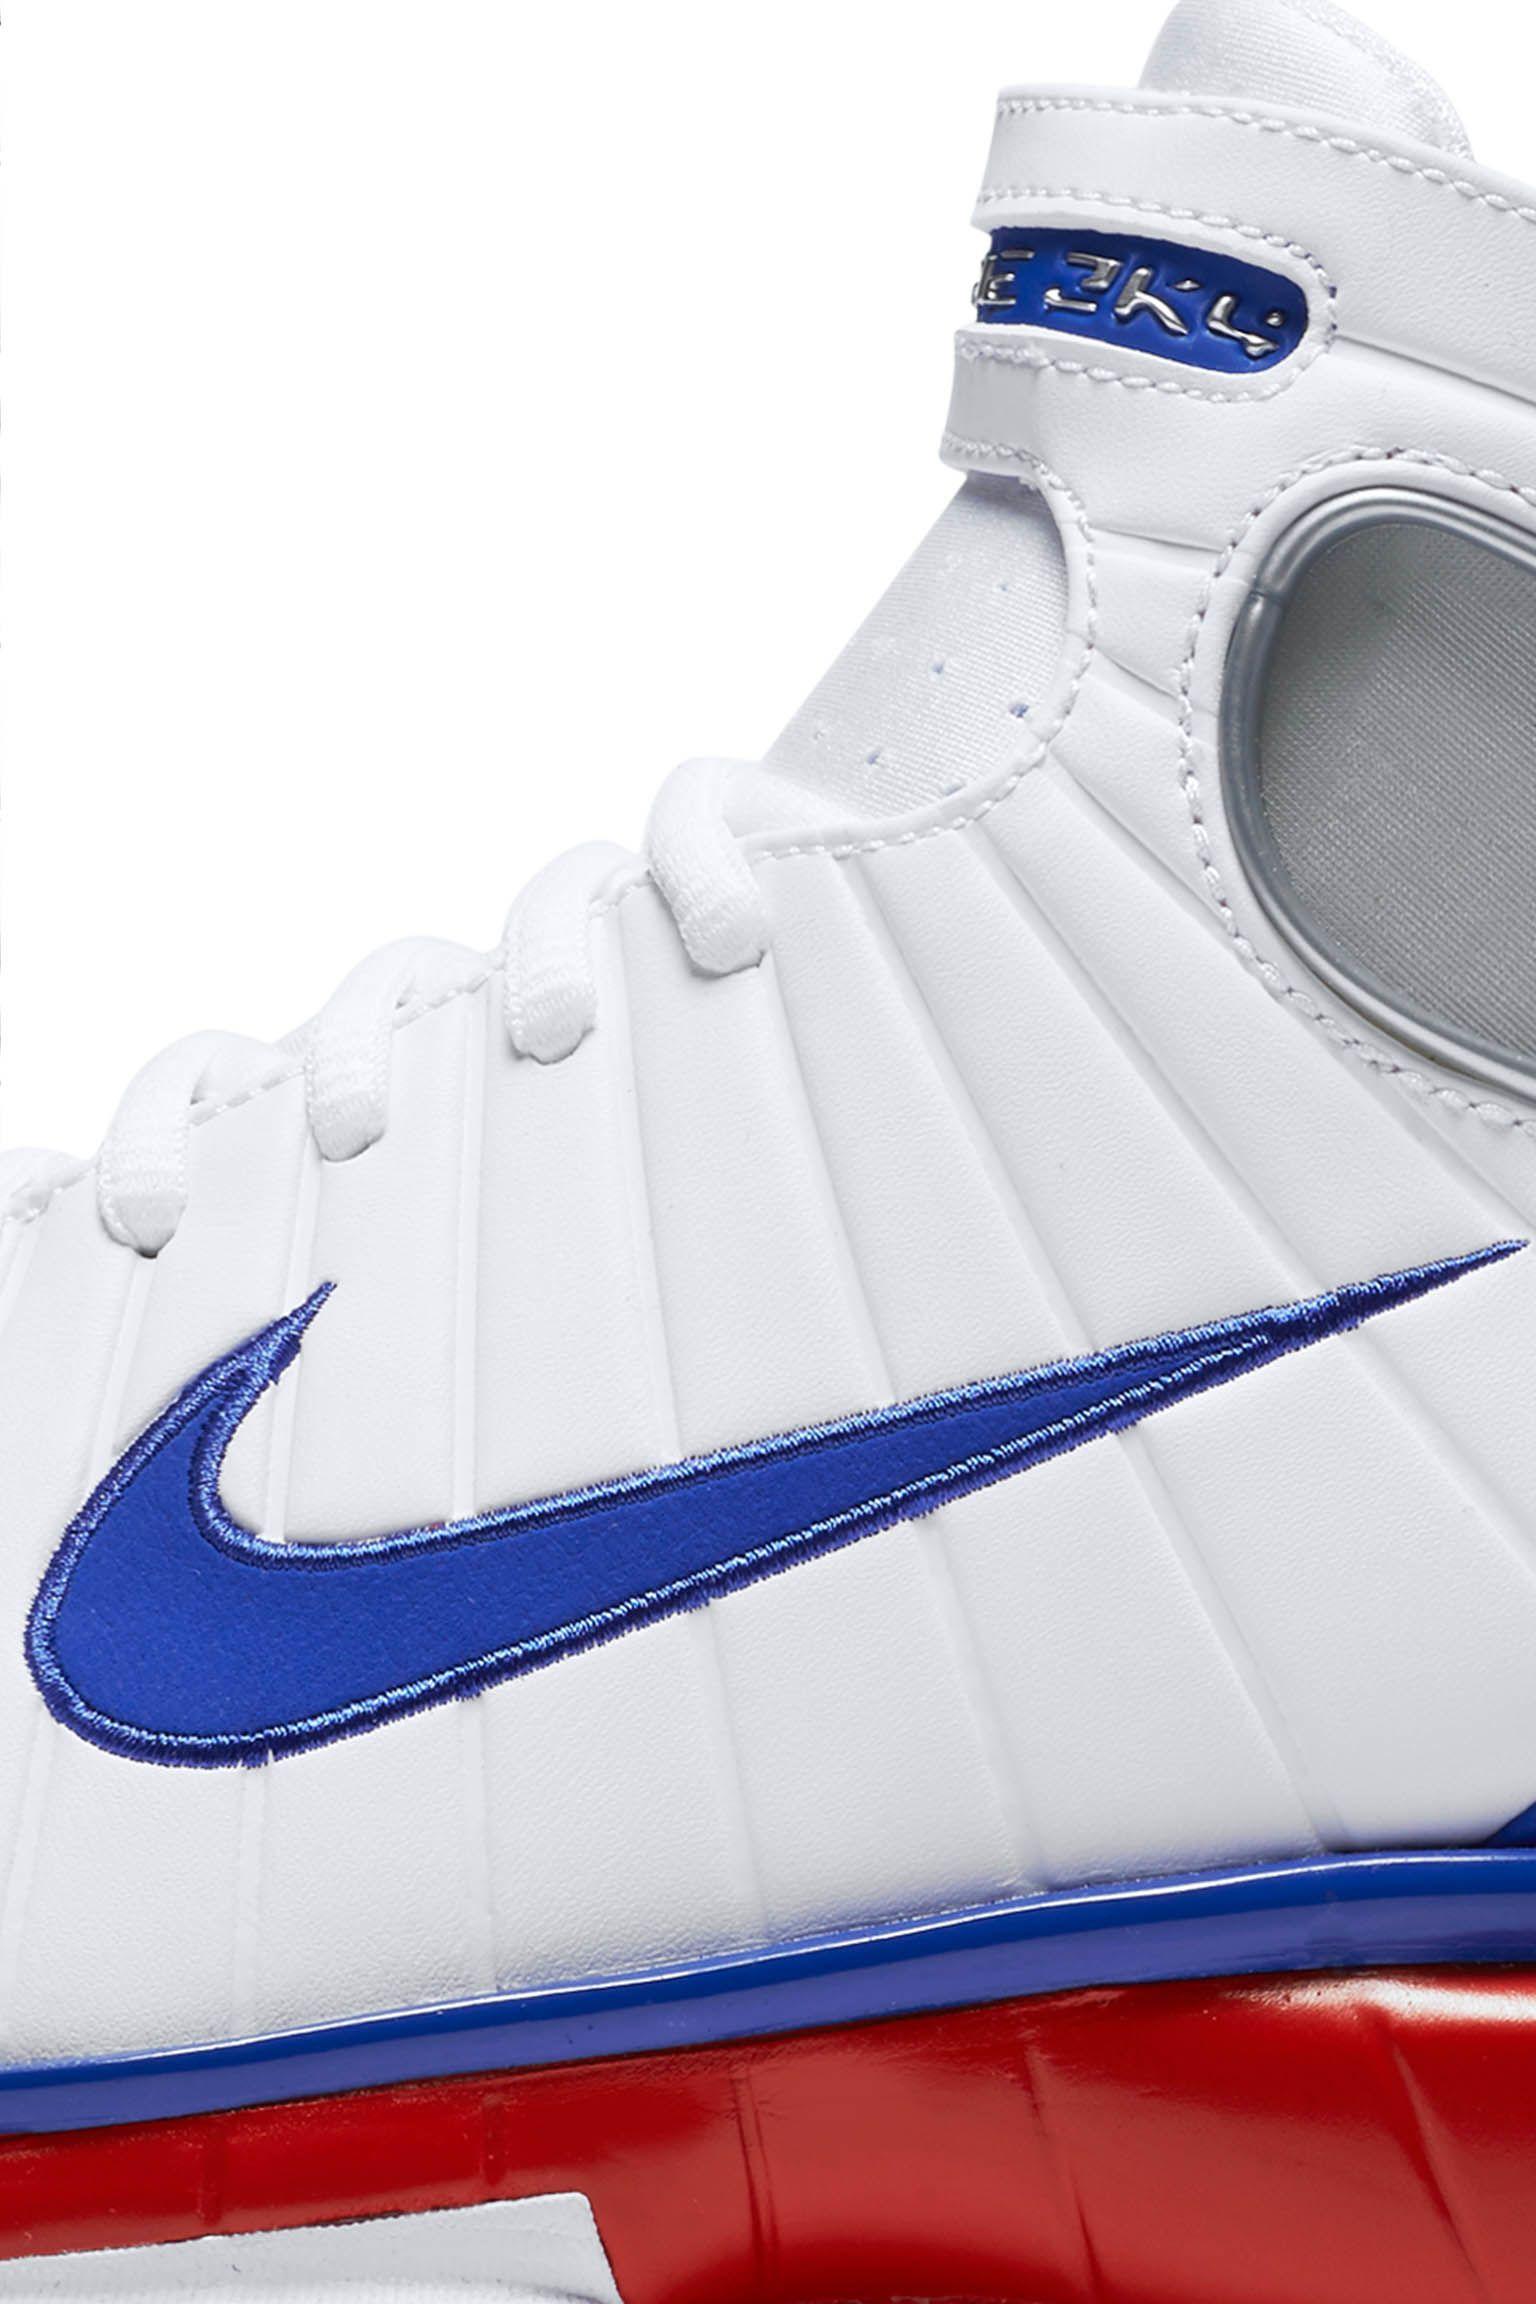 Nike Zoom Huarache 2K4 'All Star'